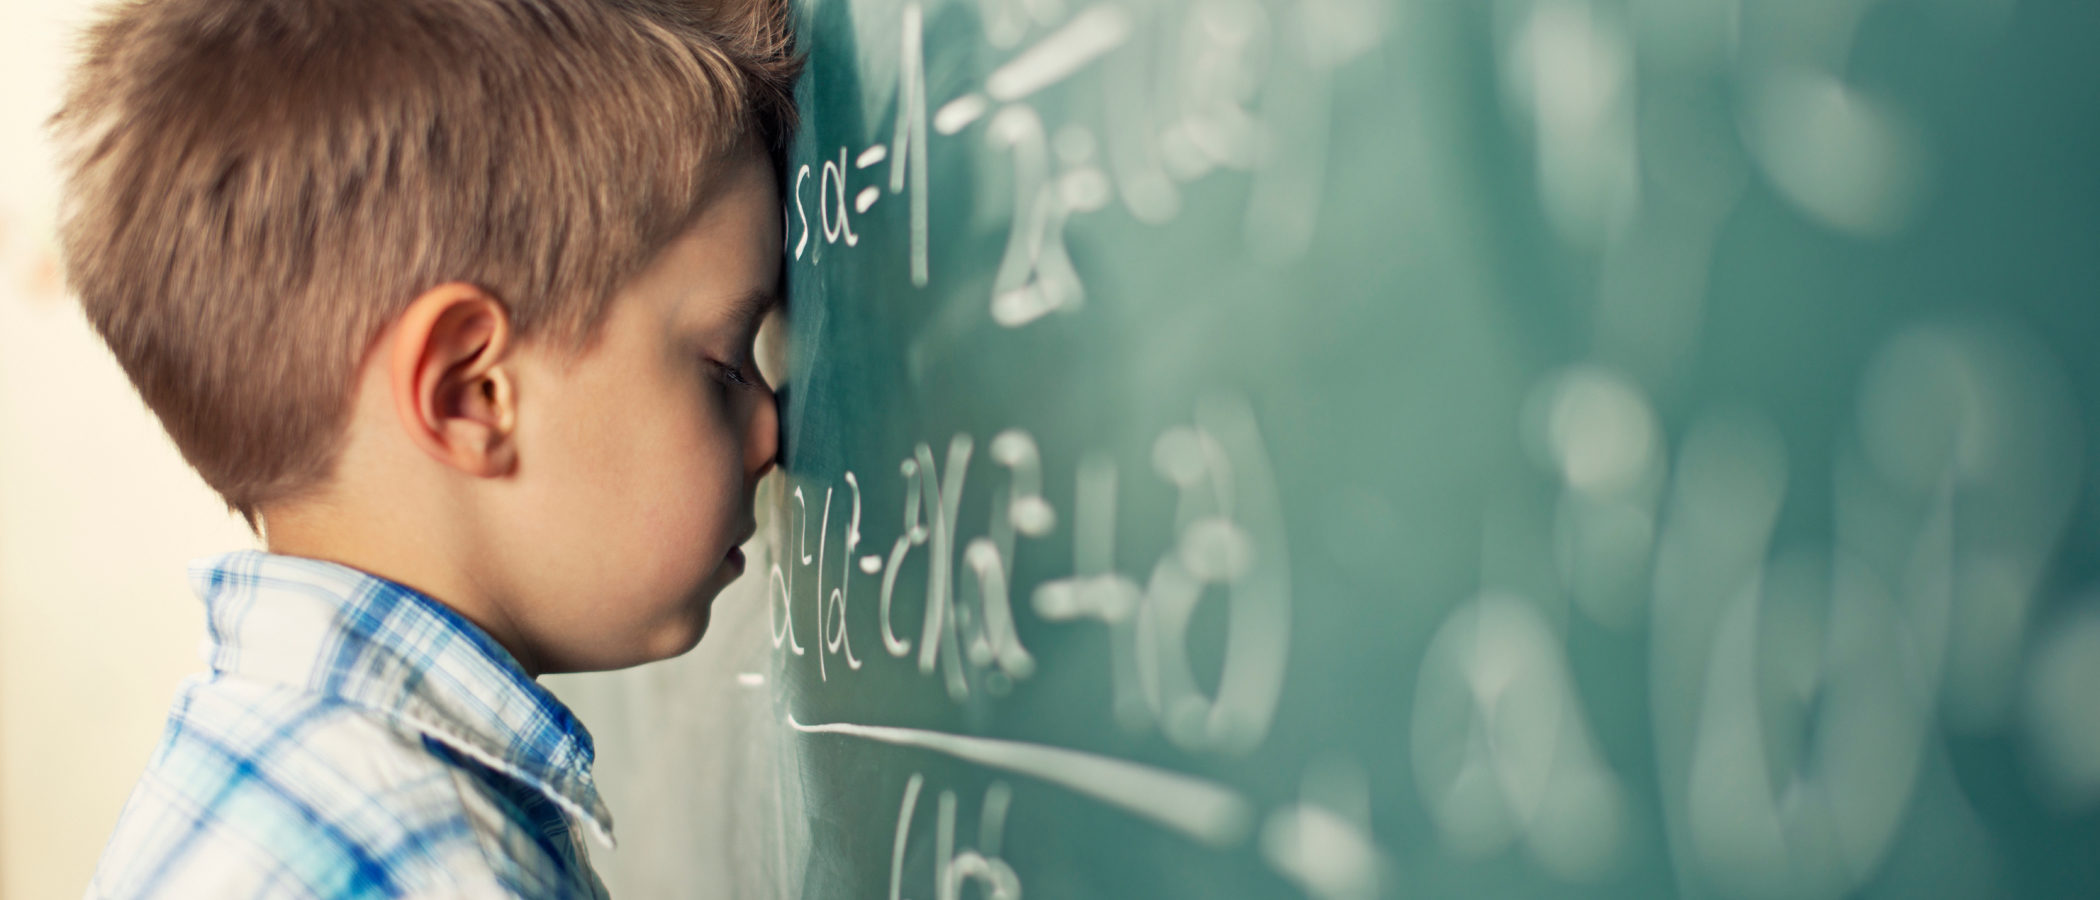 Mi hijo tiene que repetir curso, ¿cómo le puedo apoyar?